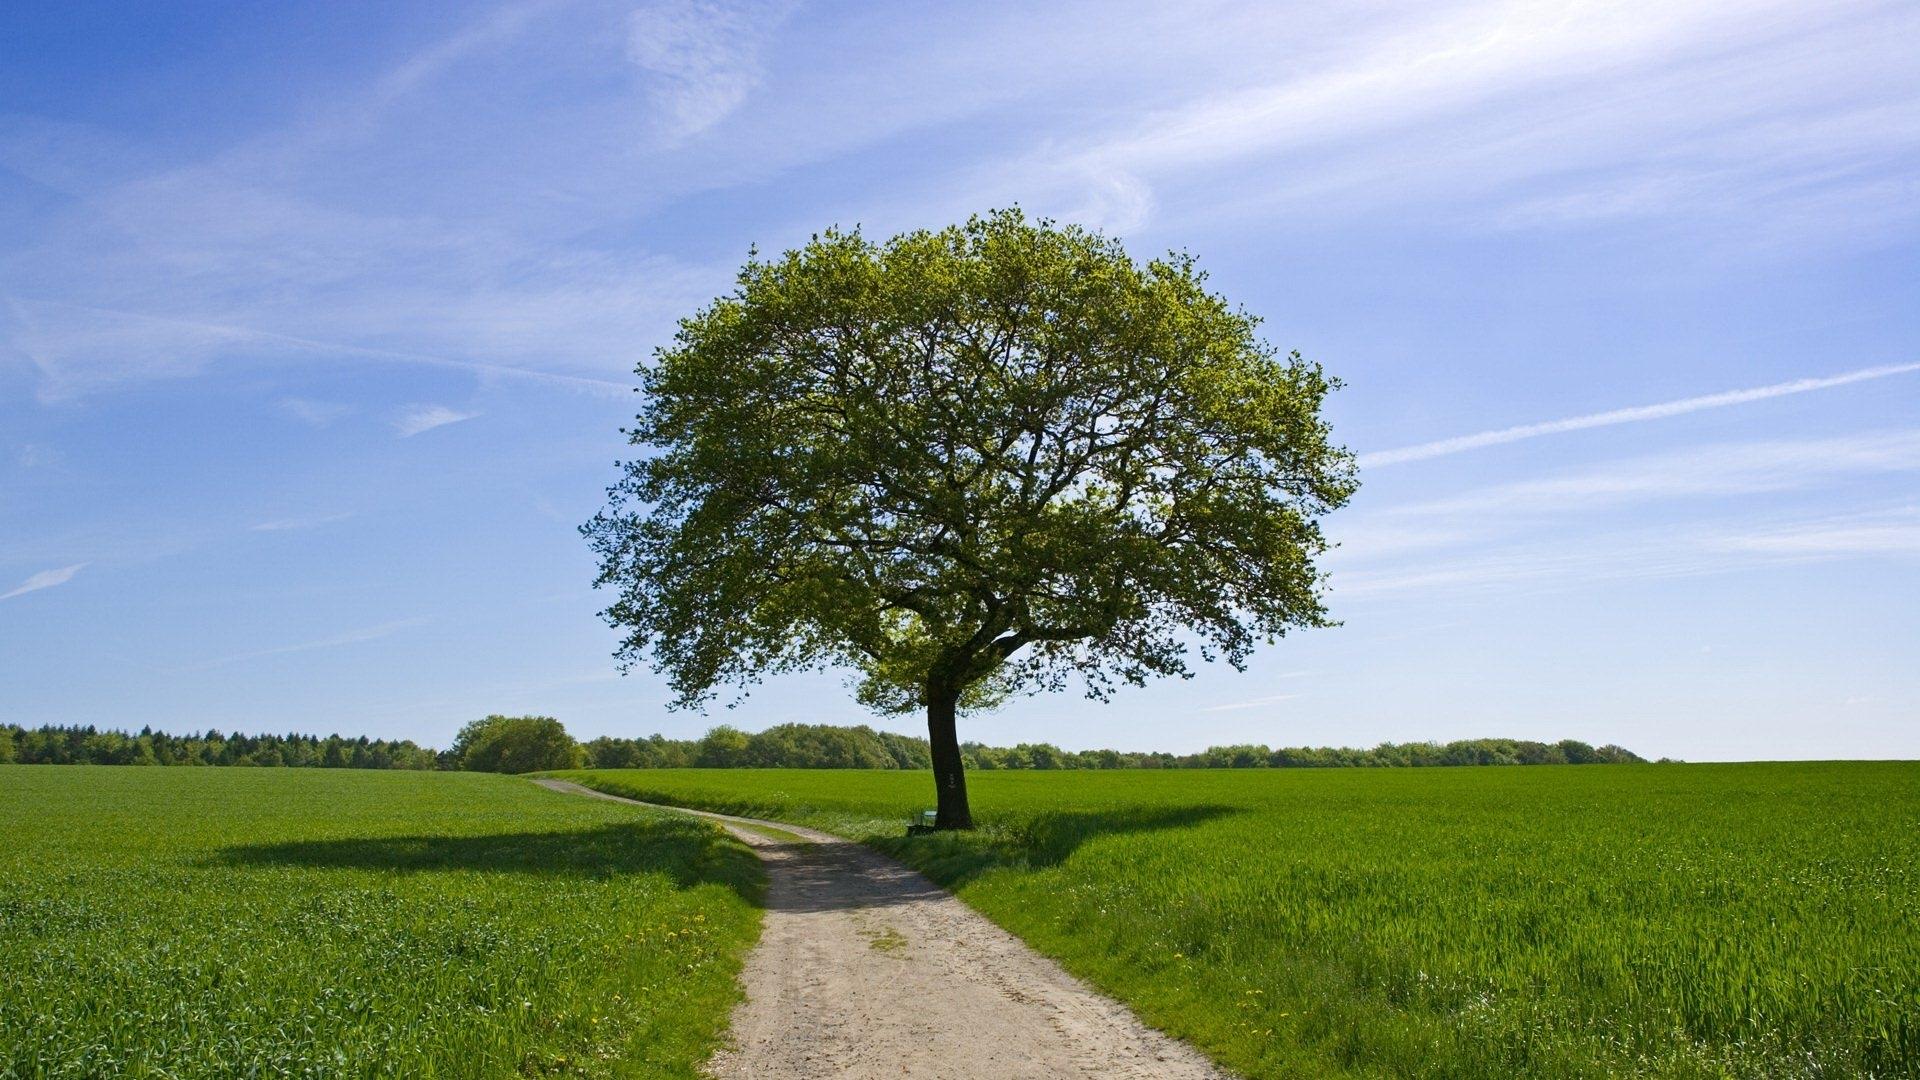 24688 скачать обои Пейзаж, Деревья, Поля, Дороги - заставки и картинки бесплатно